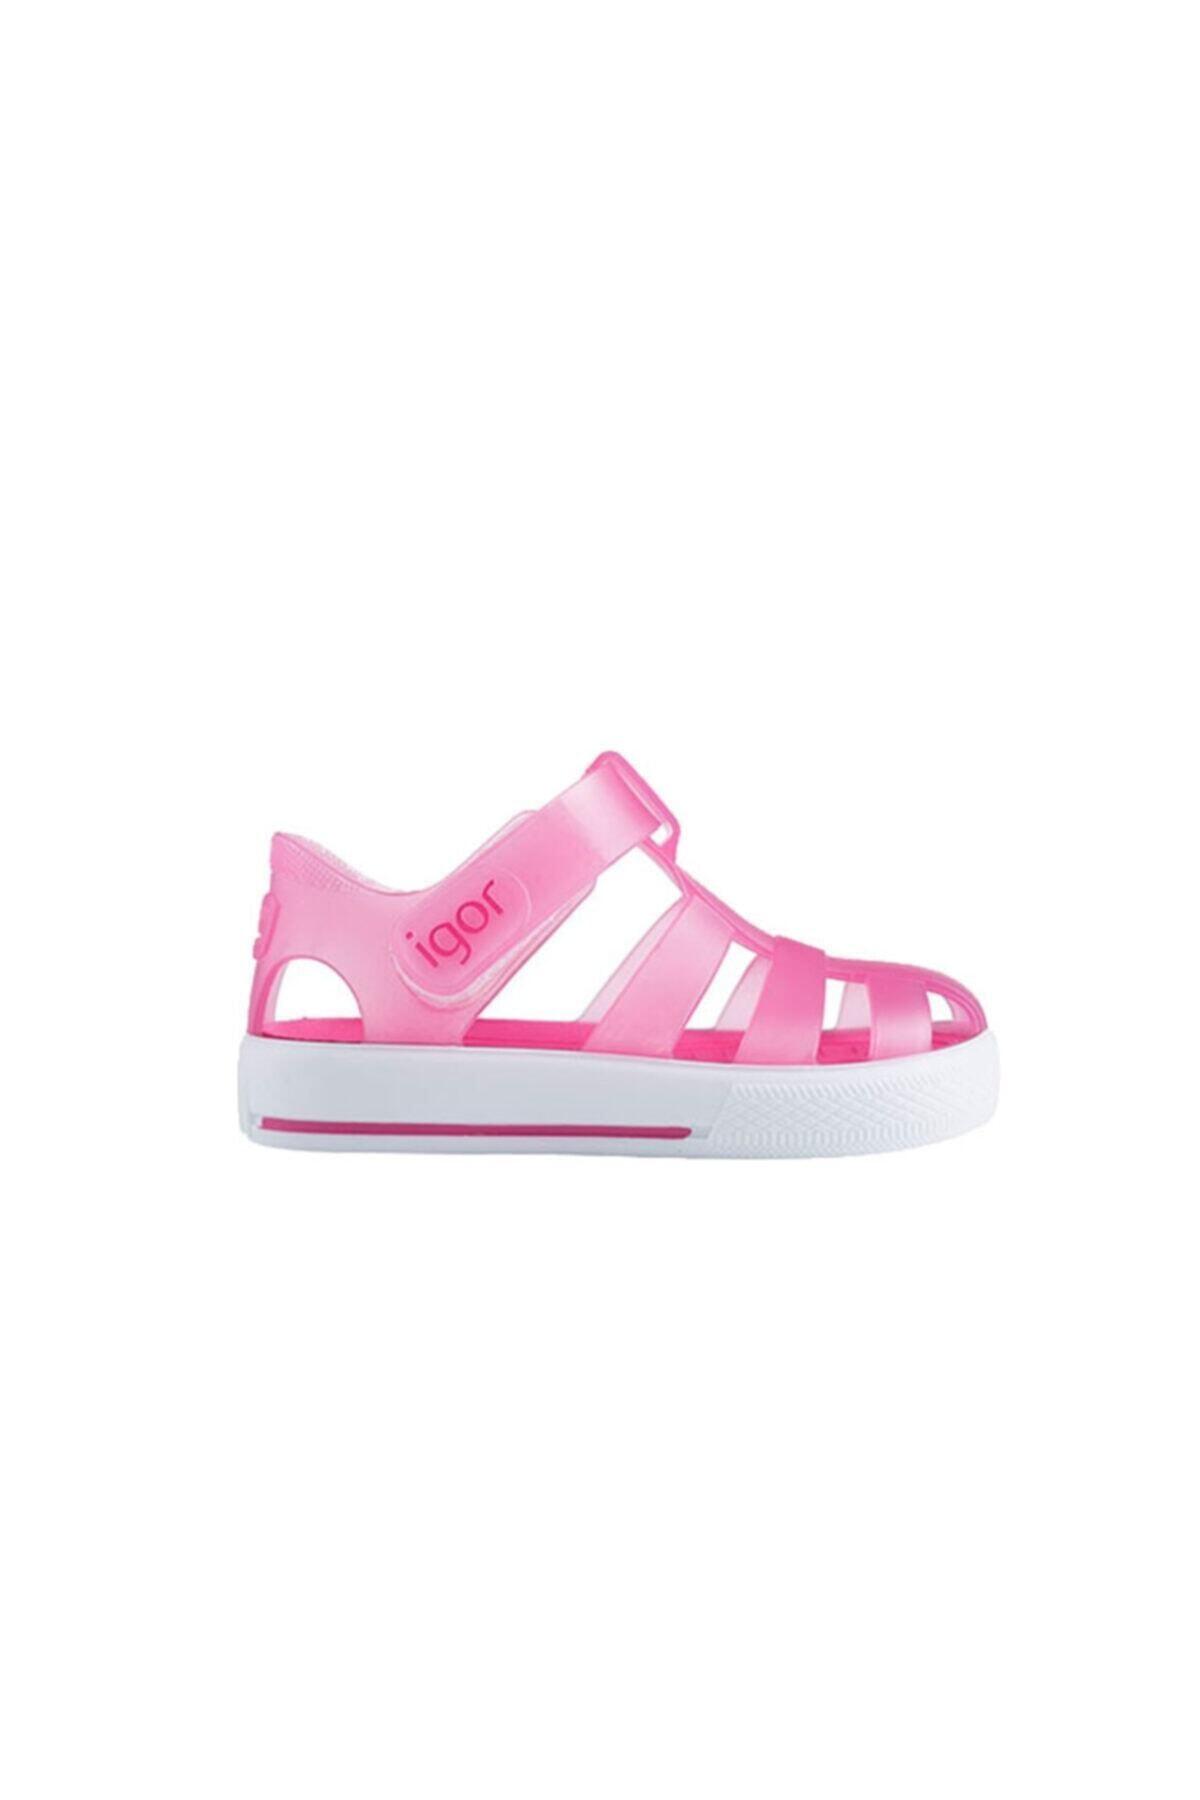 IGOR S10171 Star-o99 Fuşya Kız Çocuk Sandalet 100346406 1